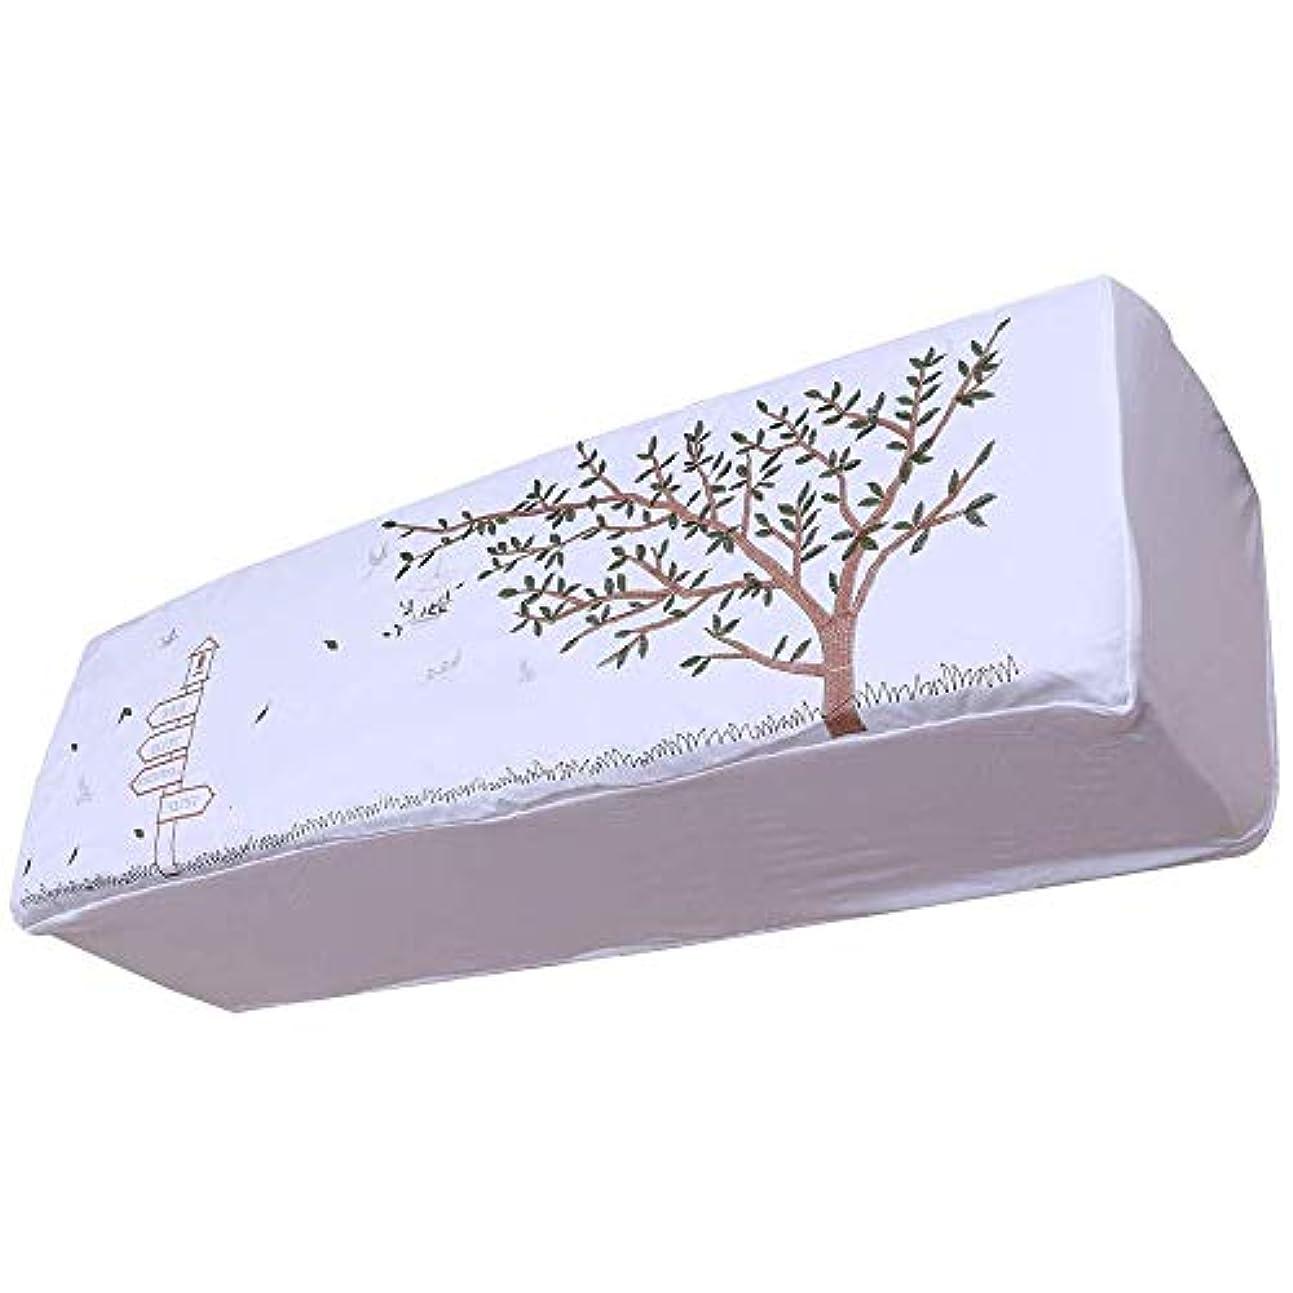 近傍適用する受け取る1個 セット 刺繍樹木 エレガント おしゃれ エアコンカバー 室内用 室内機カバー家電防塵カバー